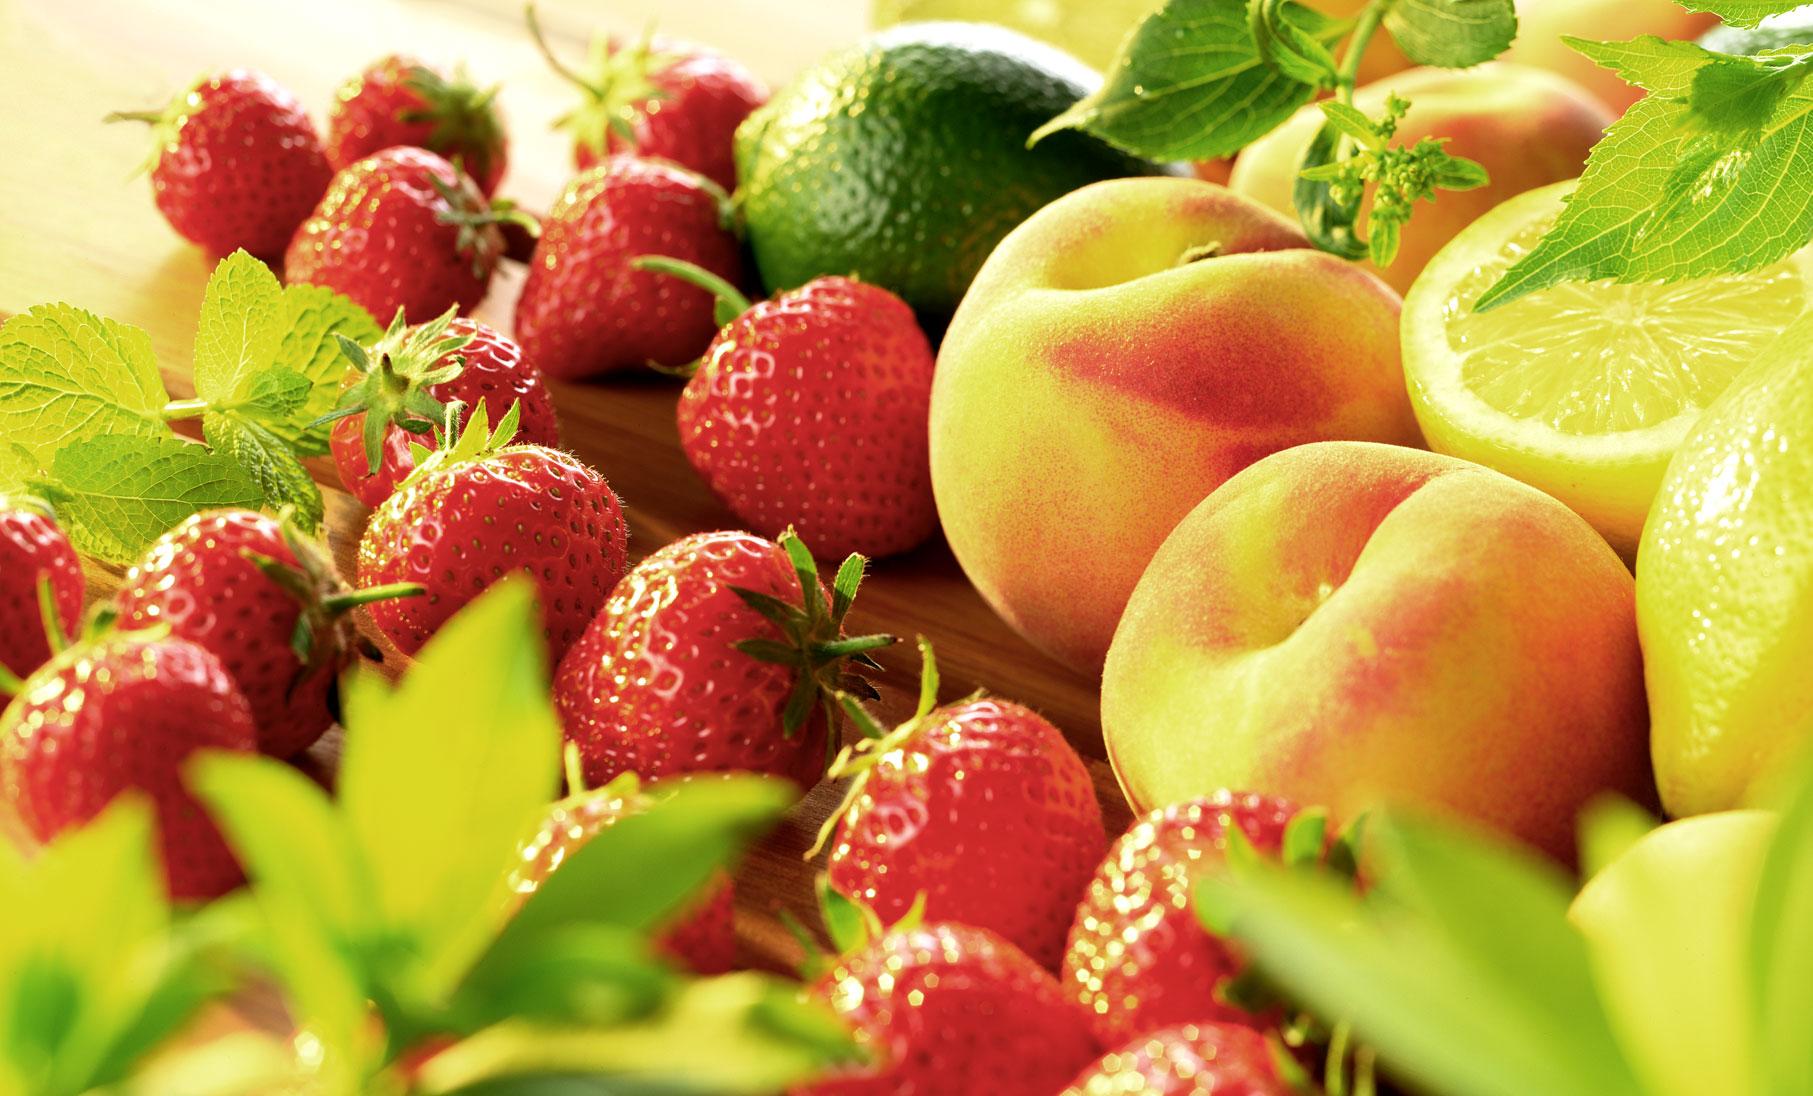 Το καλοκαιρινό φρούτο που αυξάνει την ερωτική διάθεση